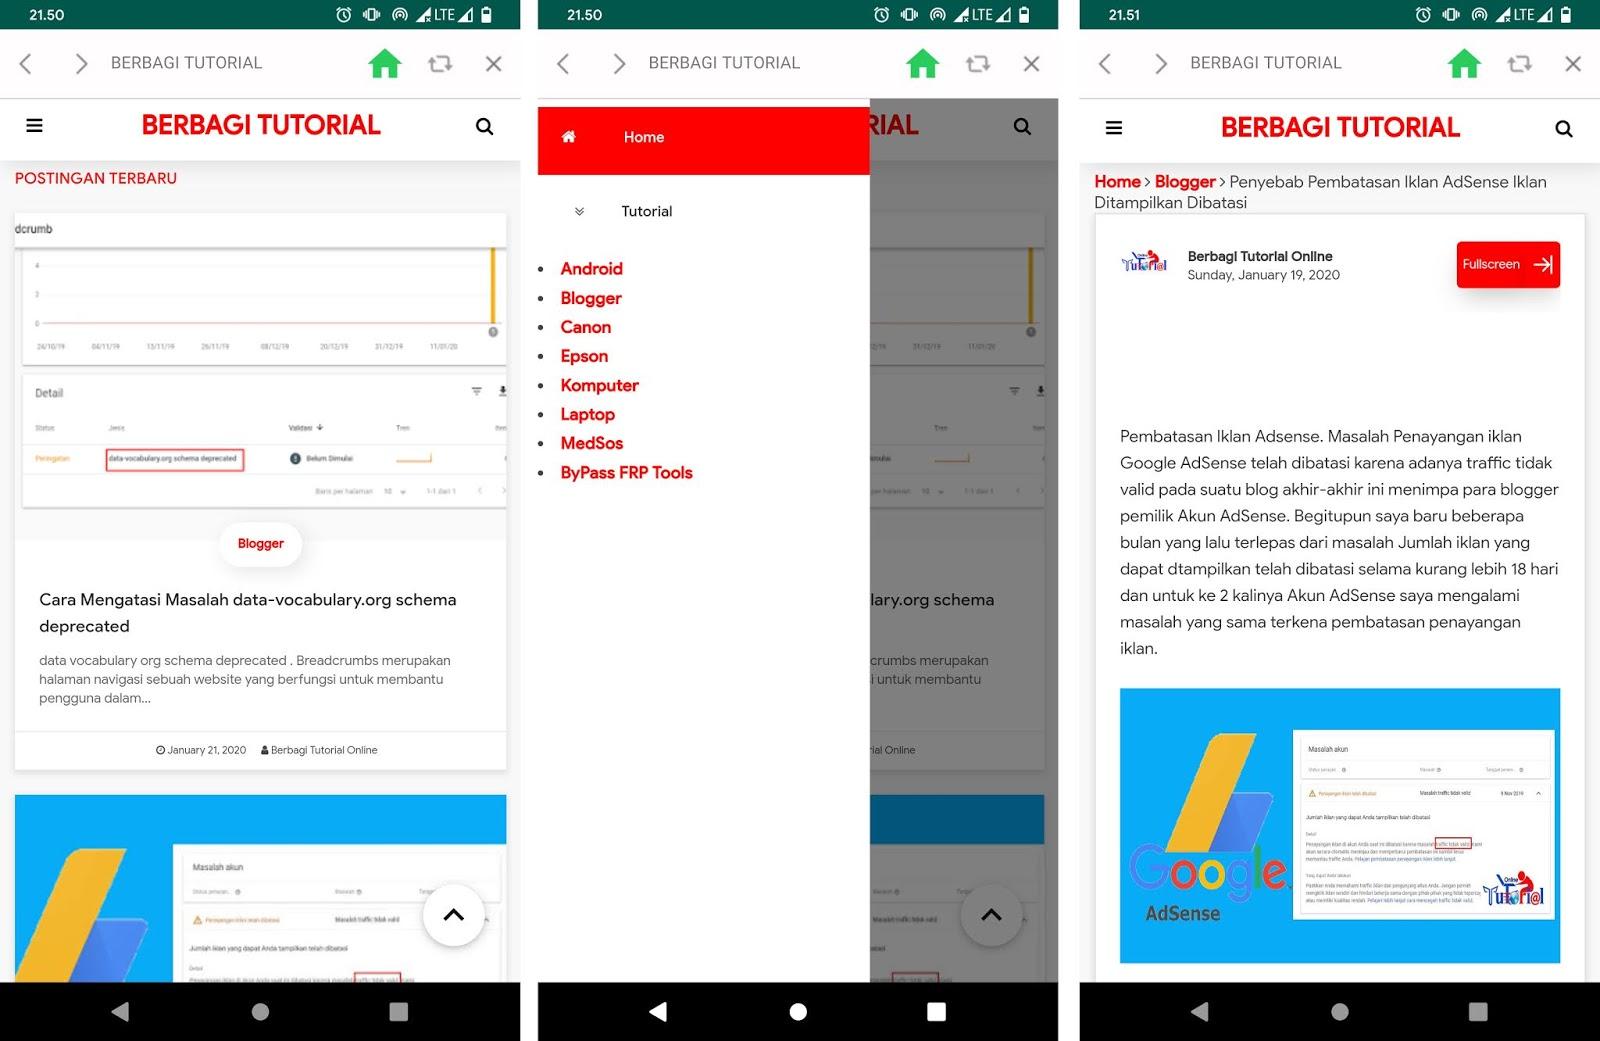 Aplikasi Android Blog Berbagi Tutorial Online